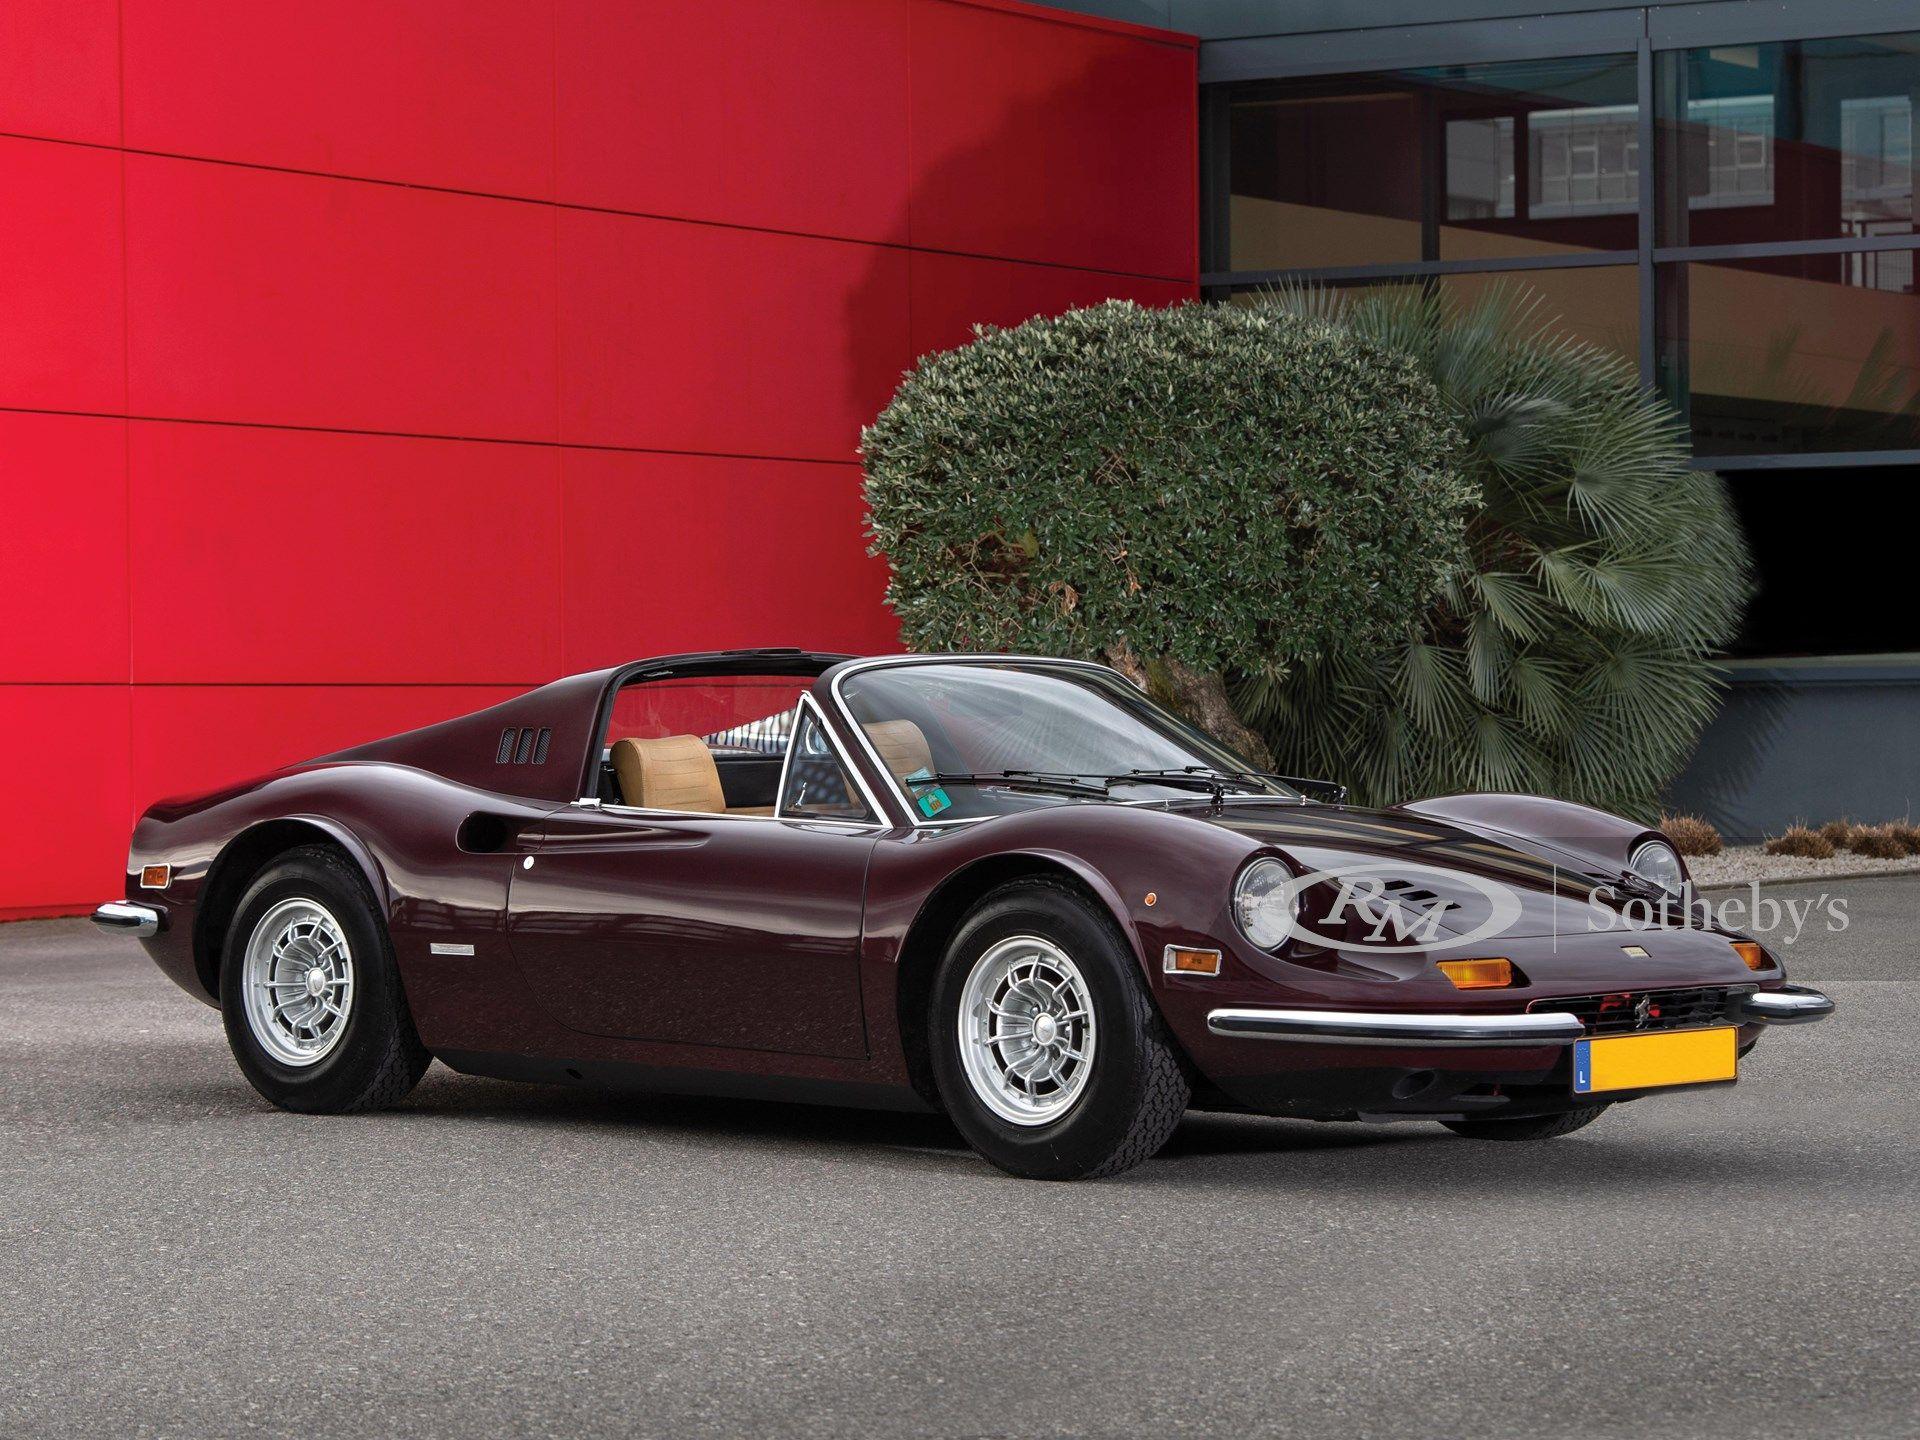 1973 Ferrari Dino 246 Gts Chairs Flares By Scaglietti Vin 05530 Classic Com